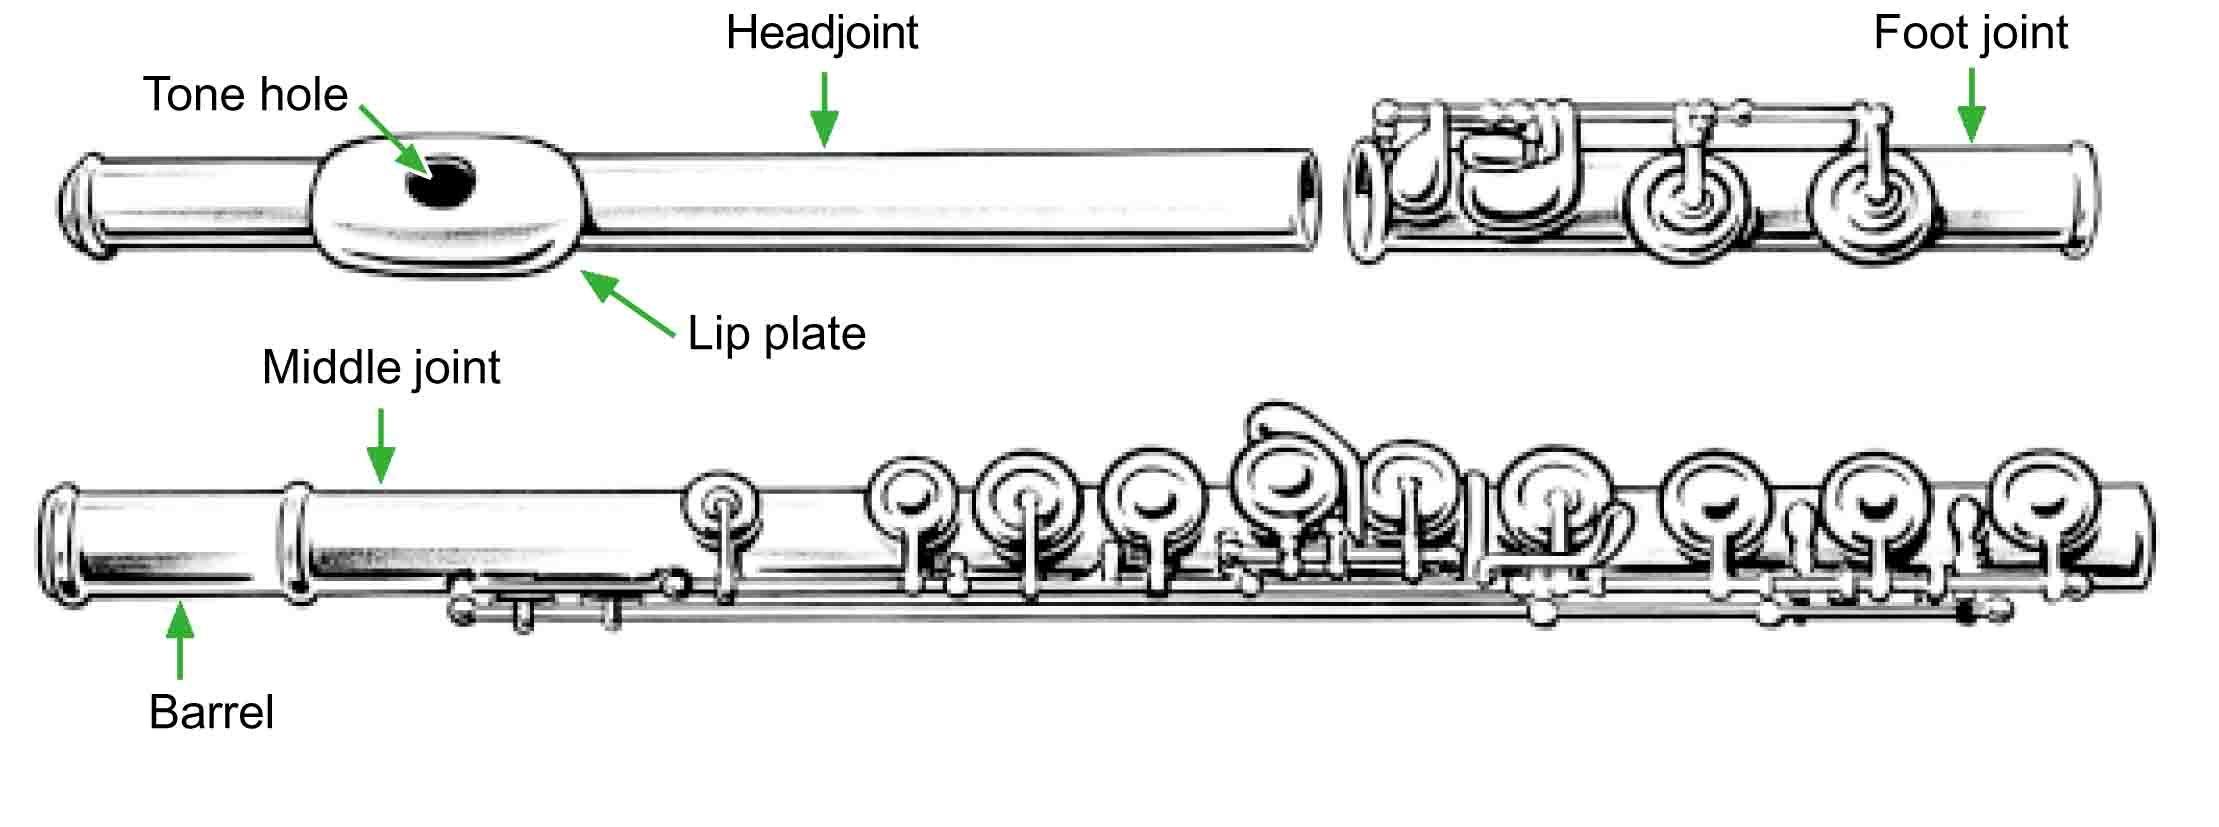 flute parts image the flute pinterest flute music and image rh pinterest com